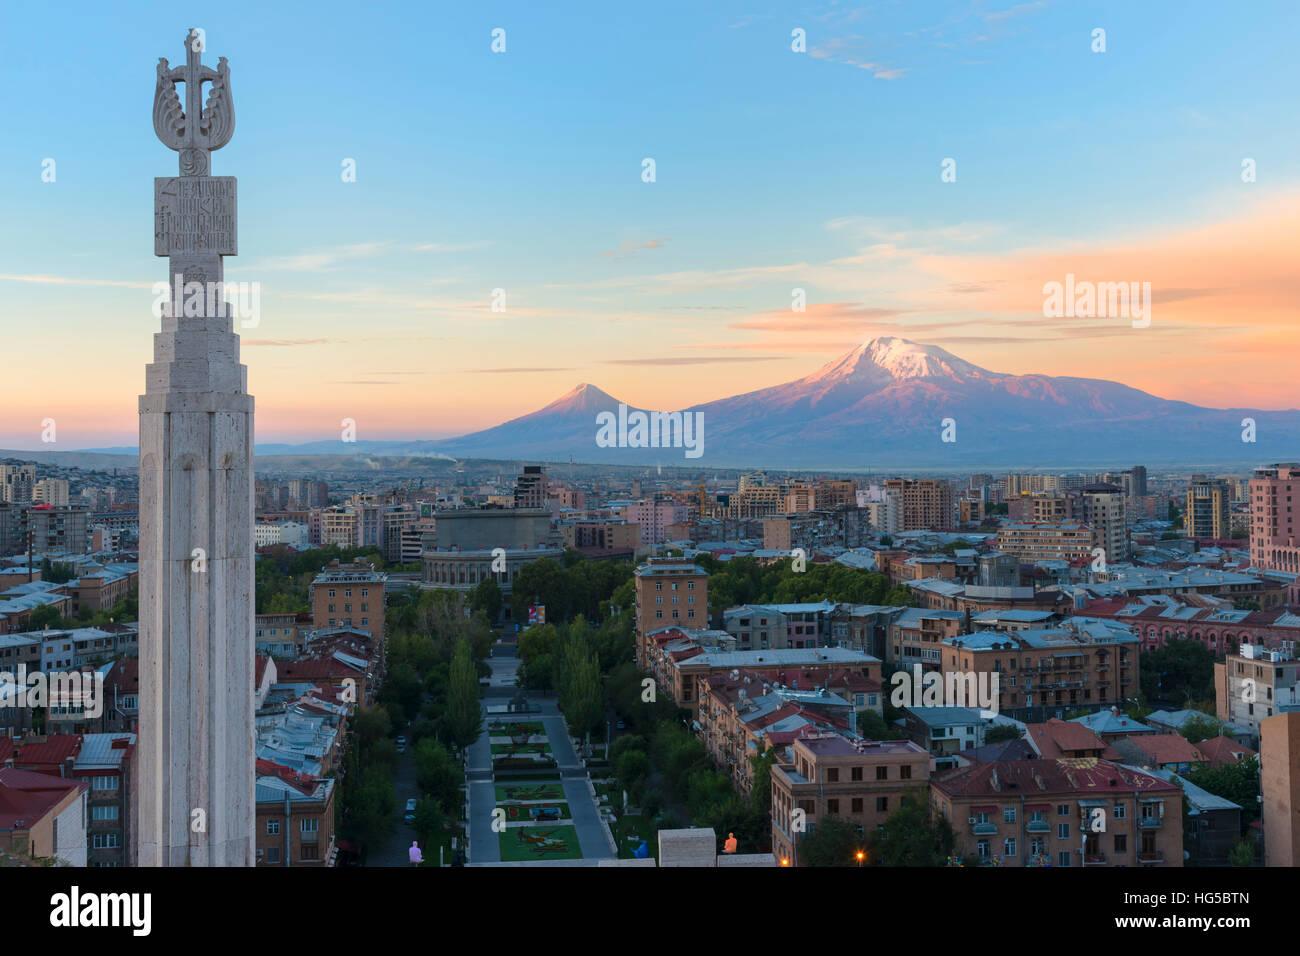 Monte Ararat e Yerevan visualizaram a partir de cascata no Sunrise, Yerevan, Arménia, da Ásia Central Imagens de Stock